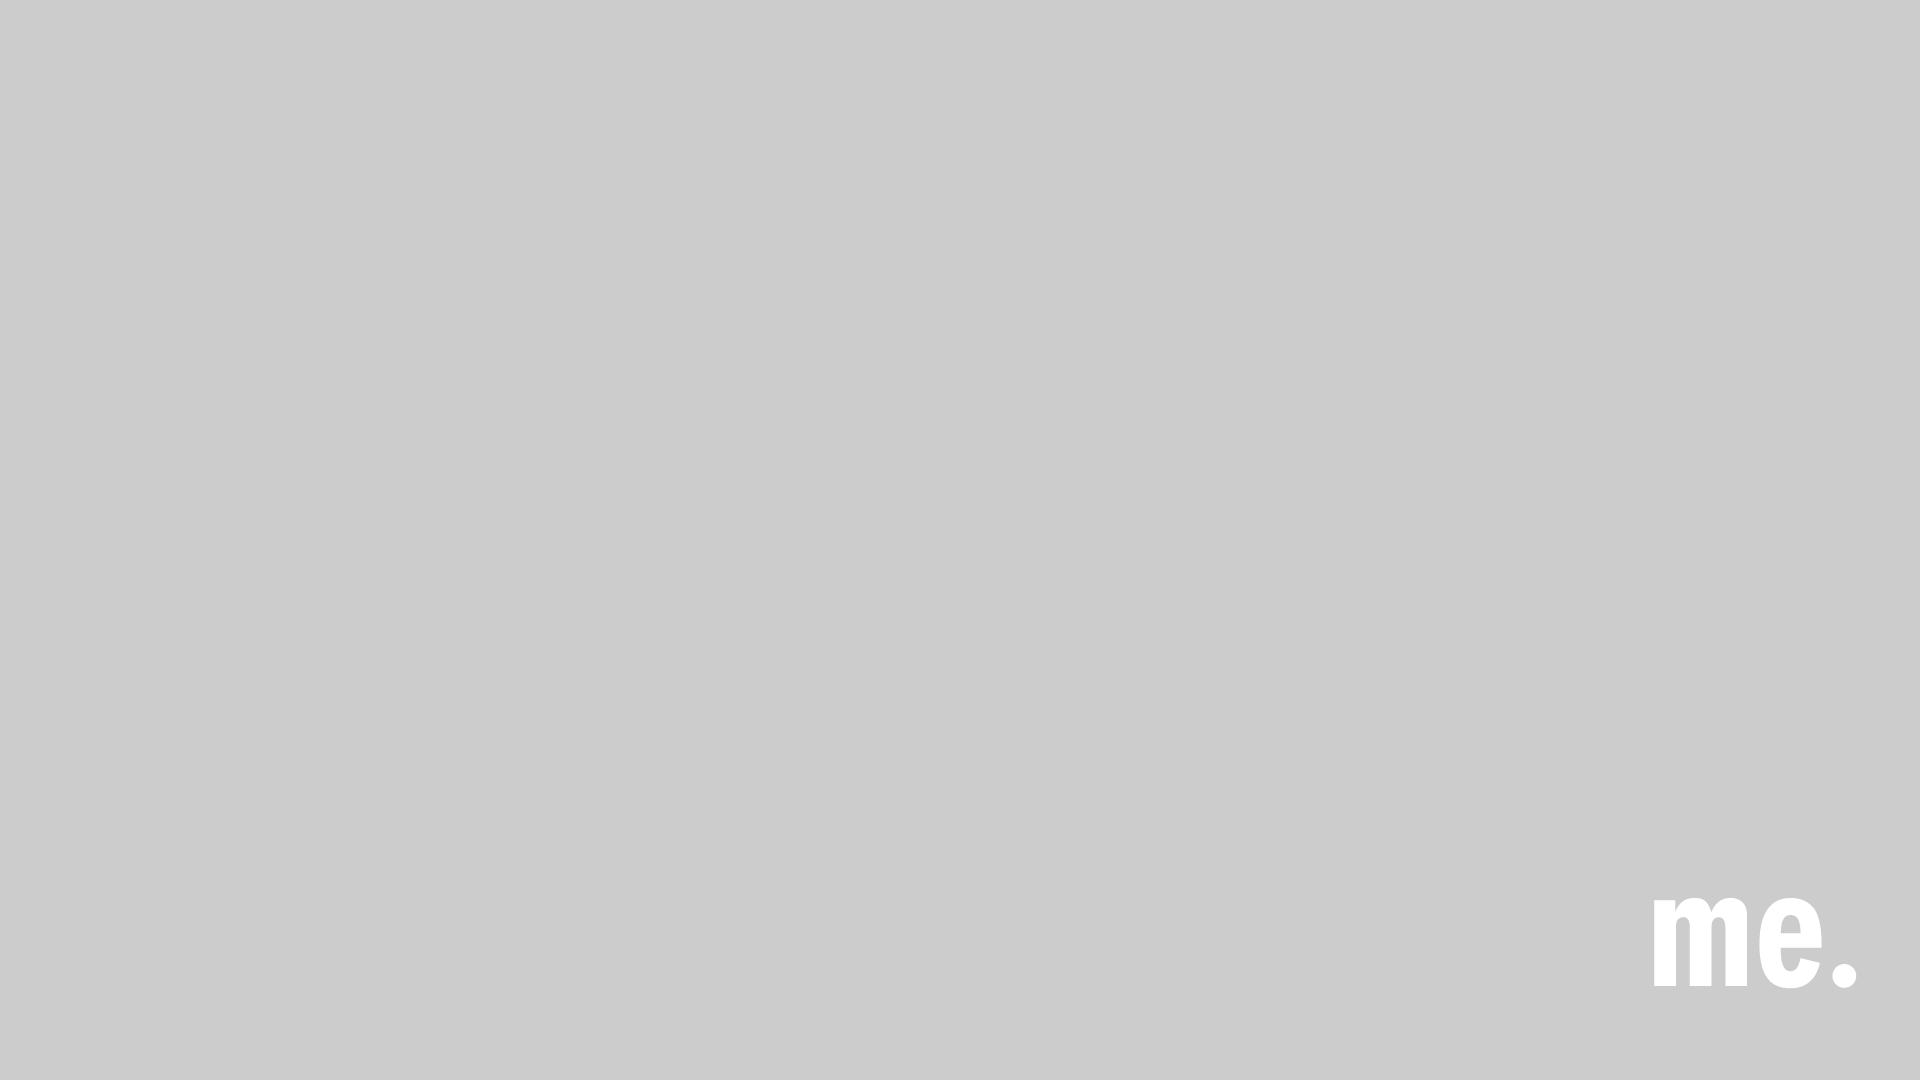 Nick Cave & The Bad Seeds - Auch die Saat PUSH THE SKY AWAY ist aufgegangen. Und die Livepräsentation dieses Albums ist sehr